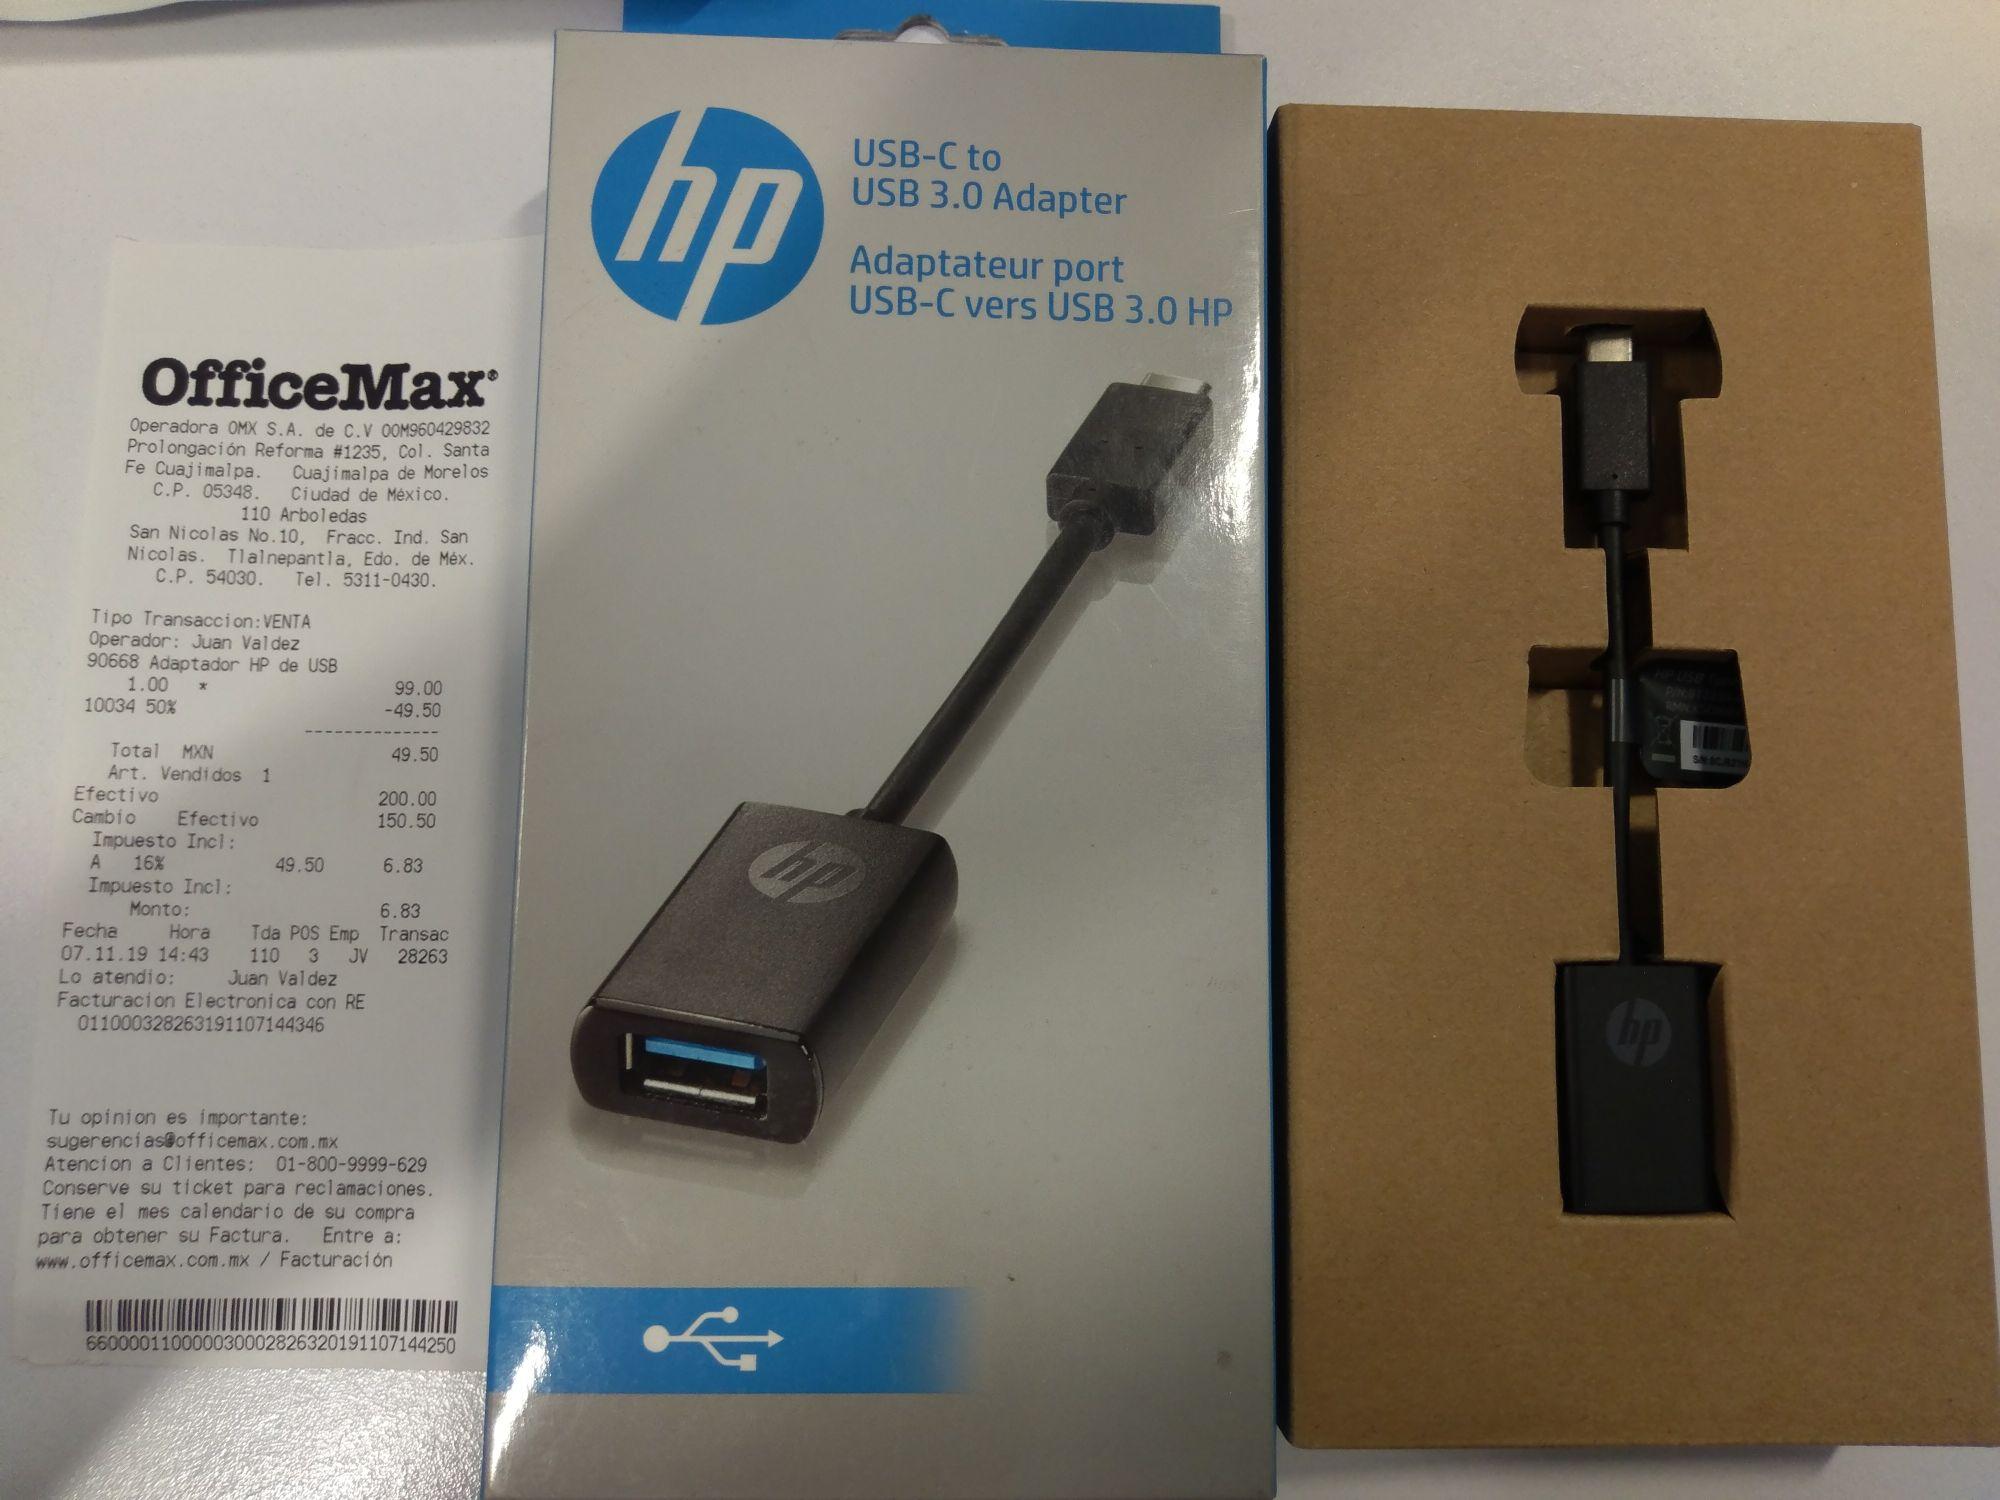 OfficeMax Arboledas Tlalnepantla. HP adaptador USB-C a USB 3.0